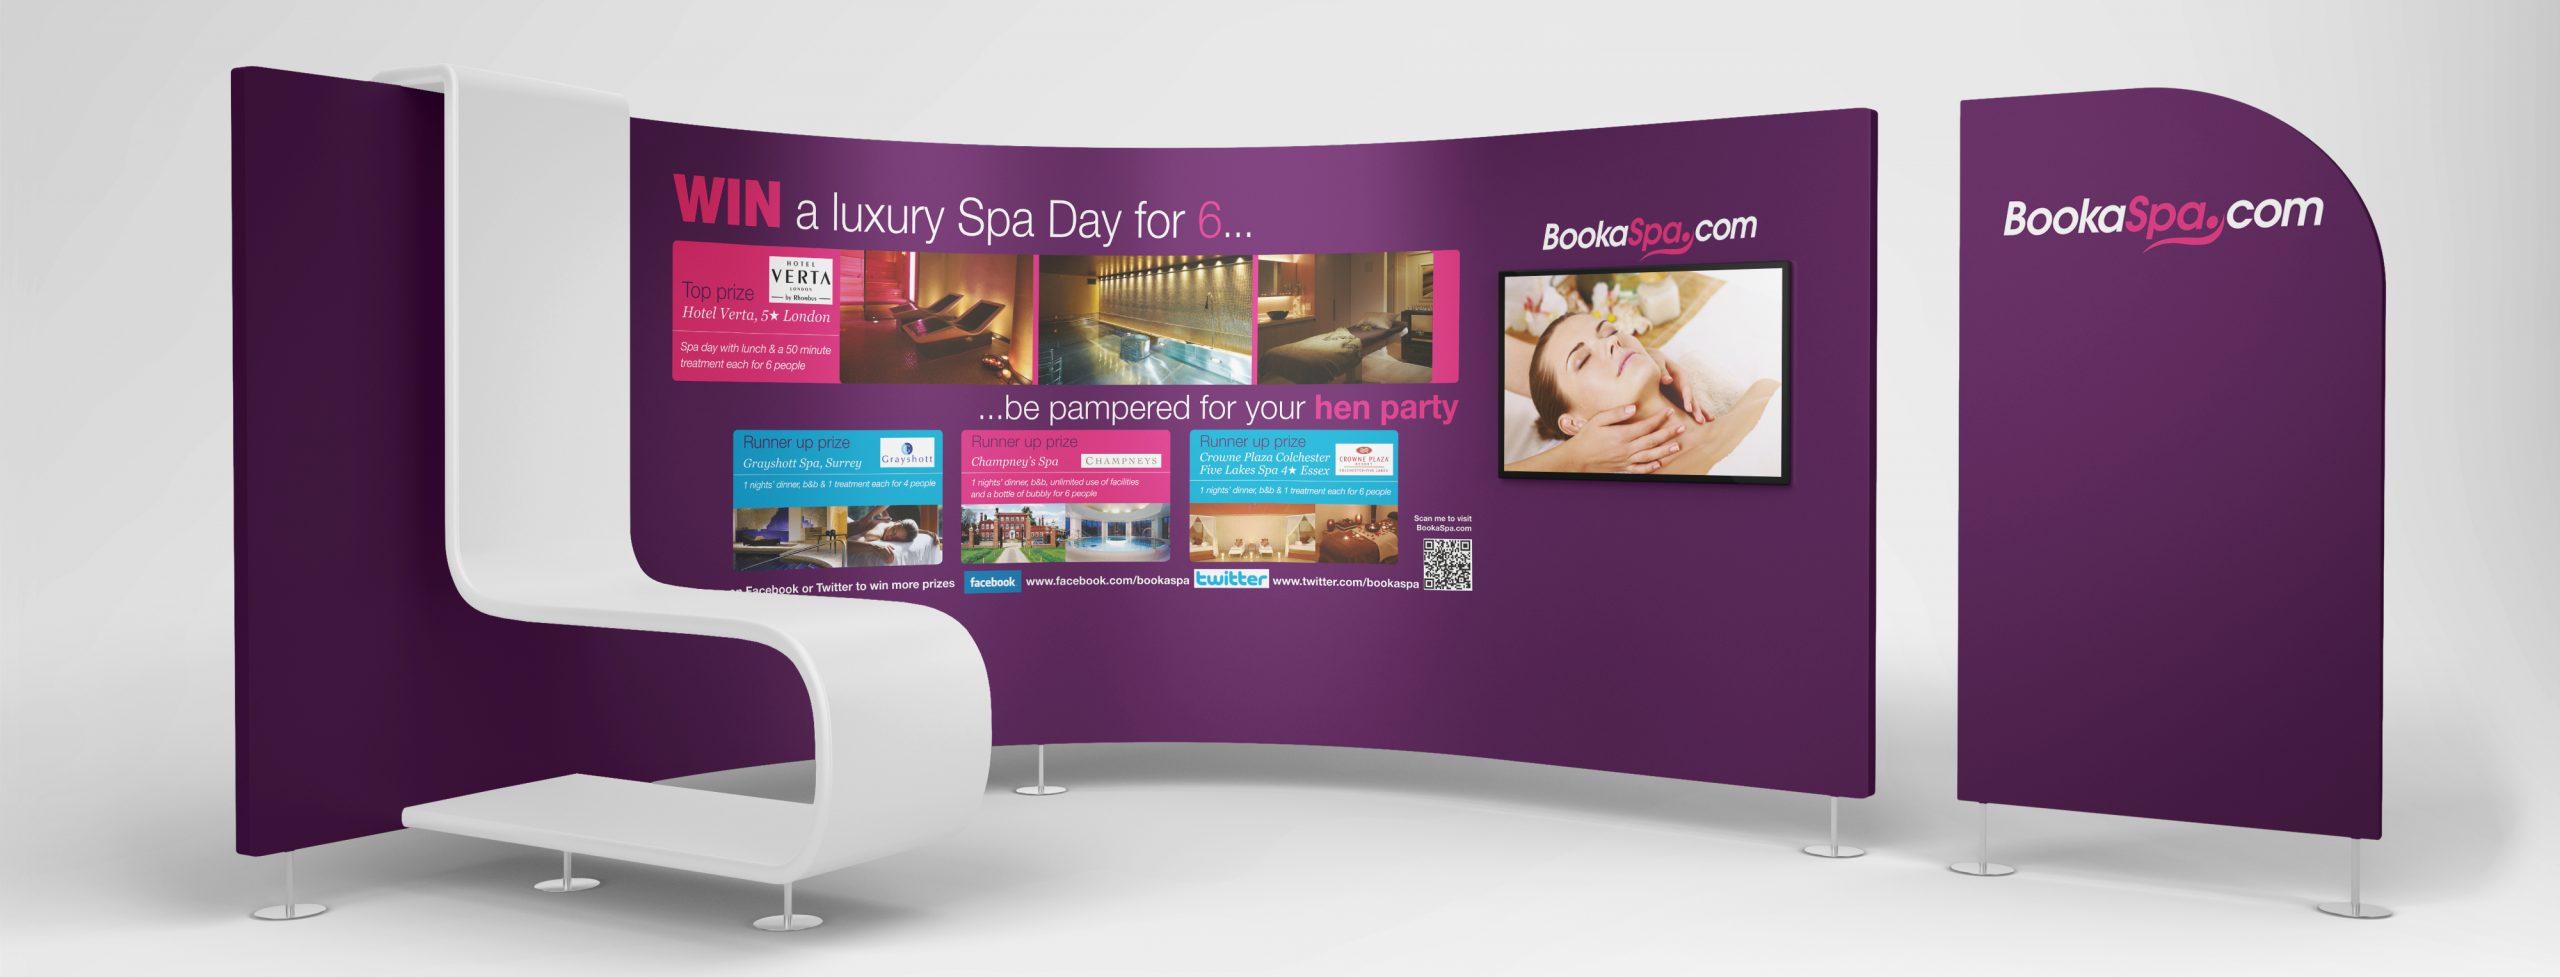 BookSpa.com Stand Design Display Creative